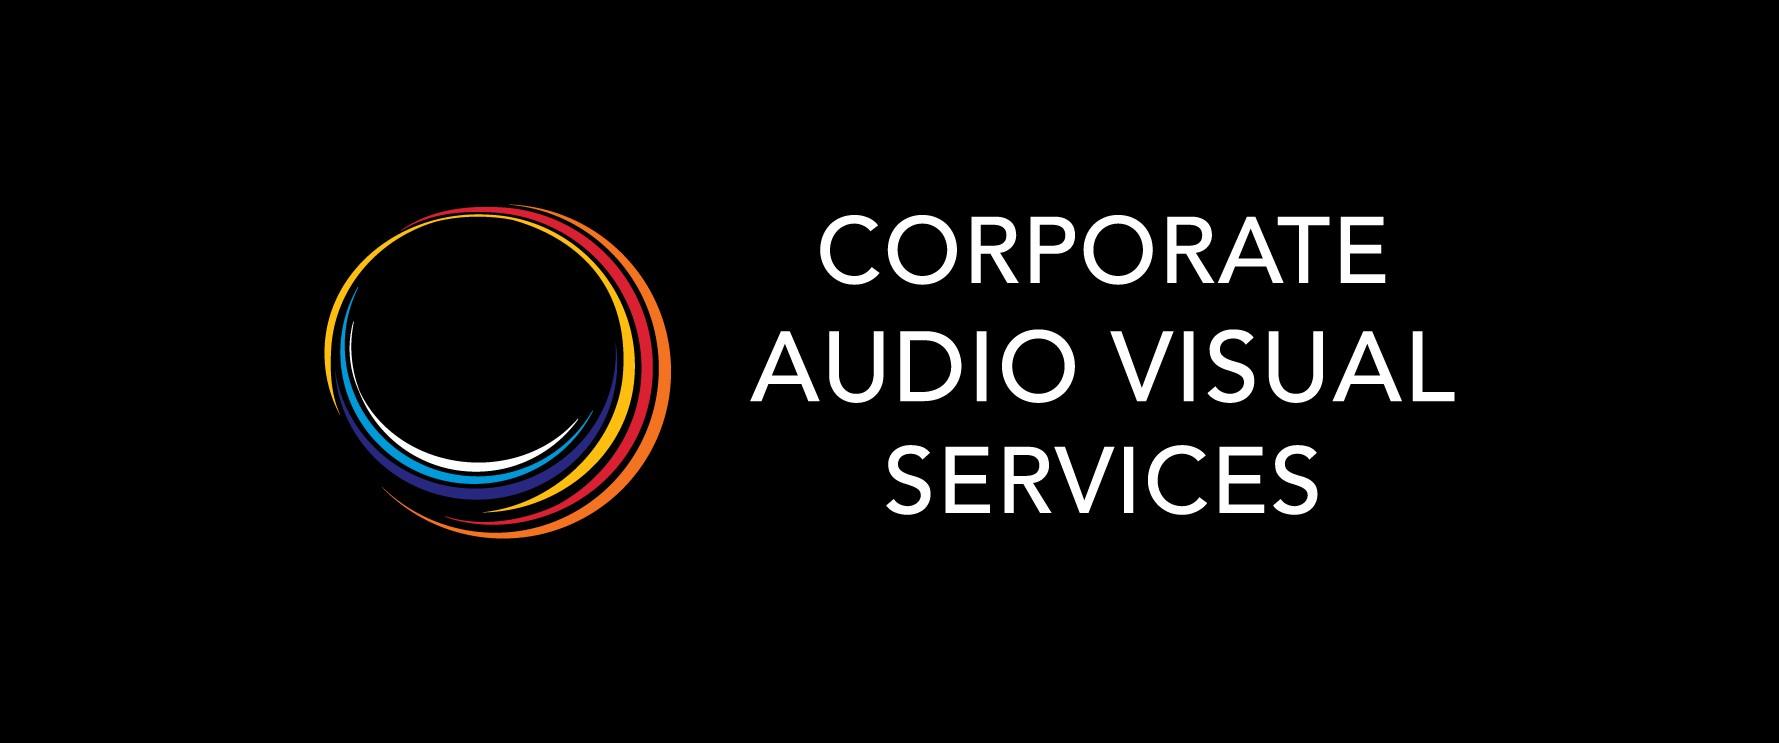 Corporate AV Services Ltd